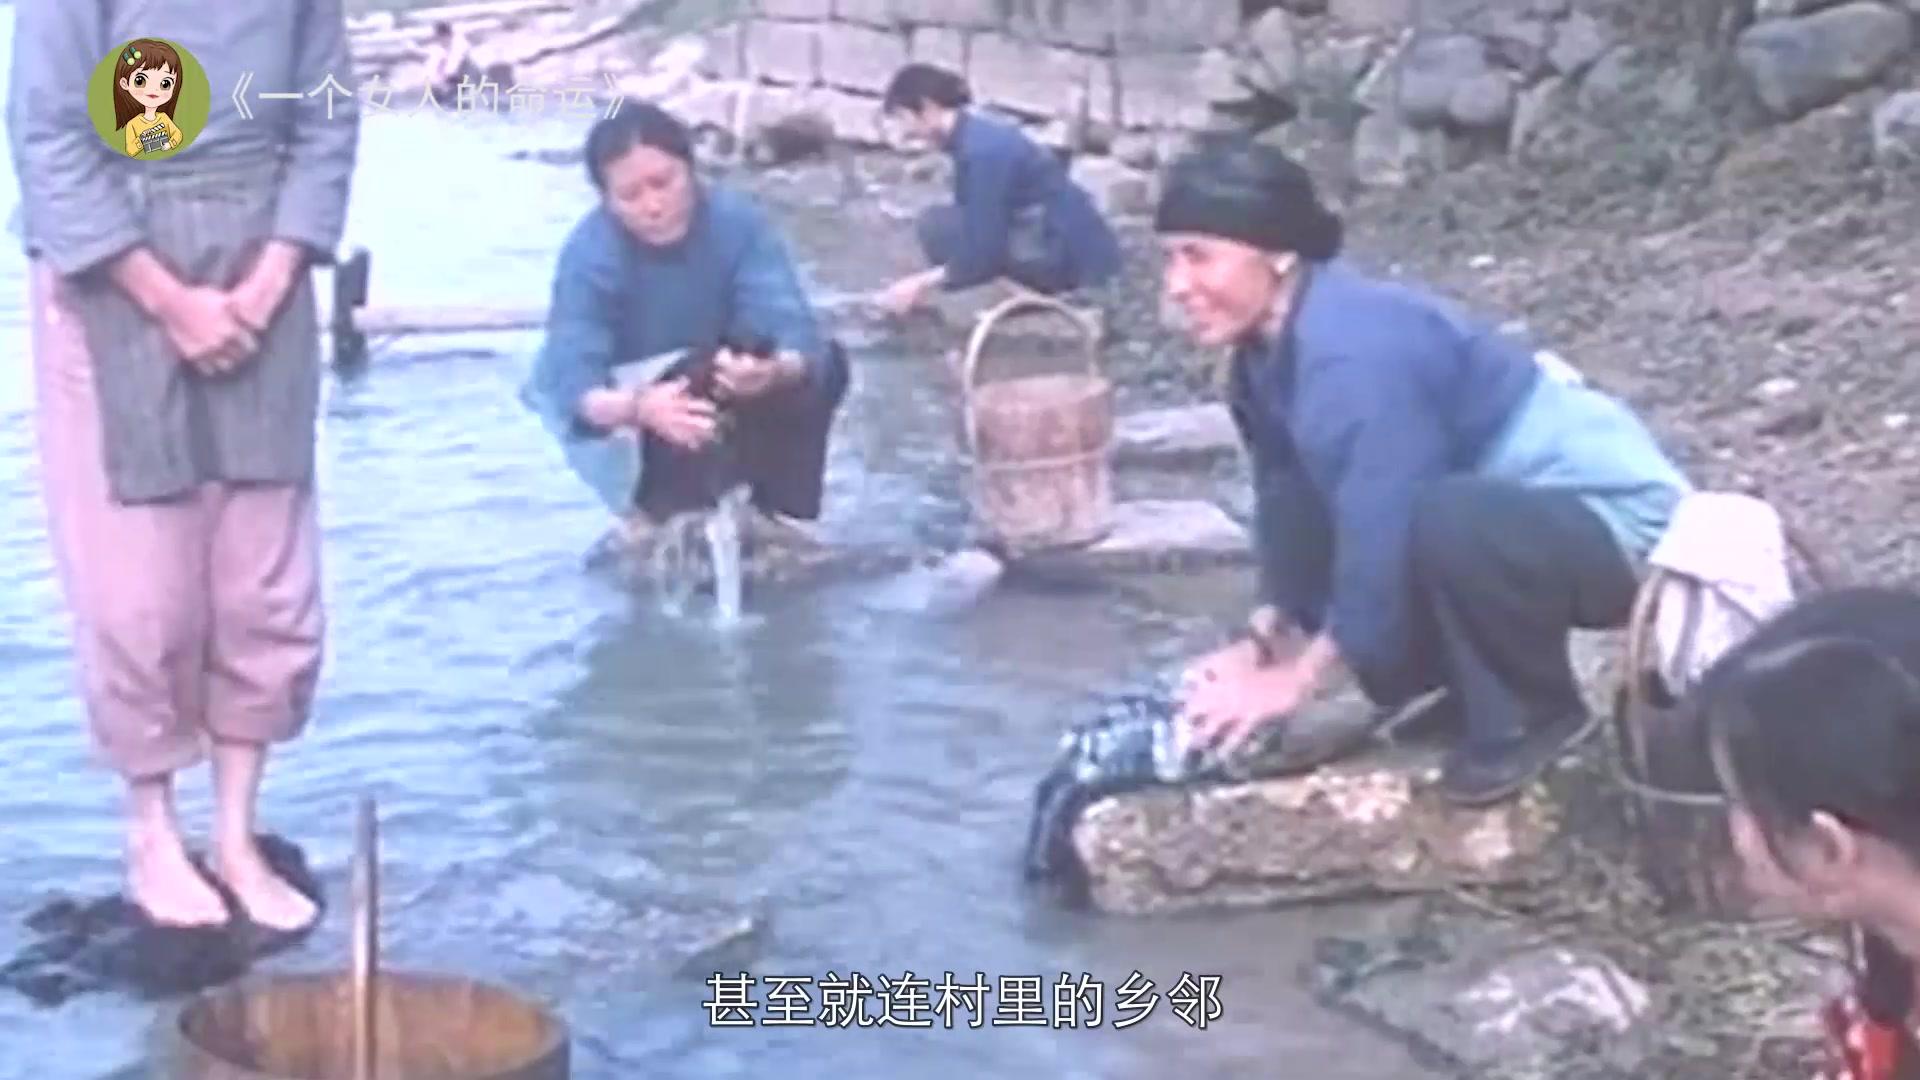 #电影迷的修养#100年前的中国女性,地位有多卑微?看完这部电影你就知道了!